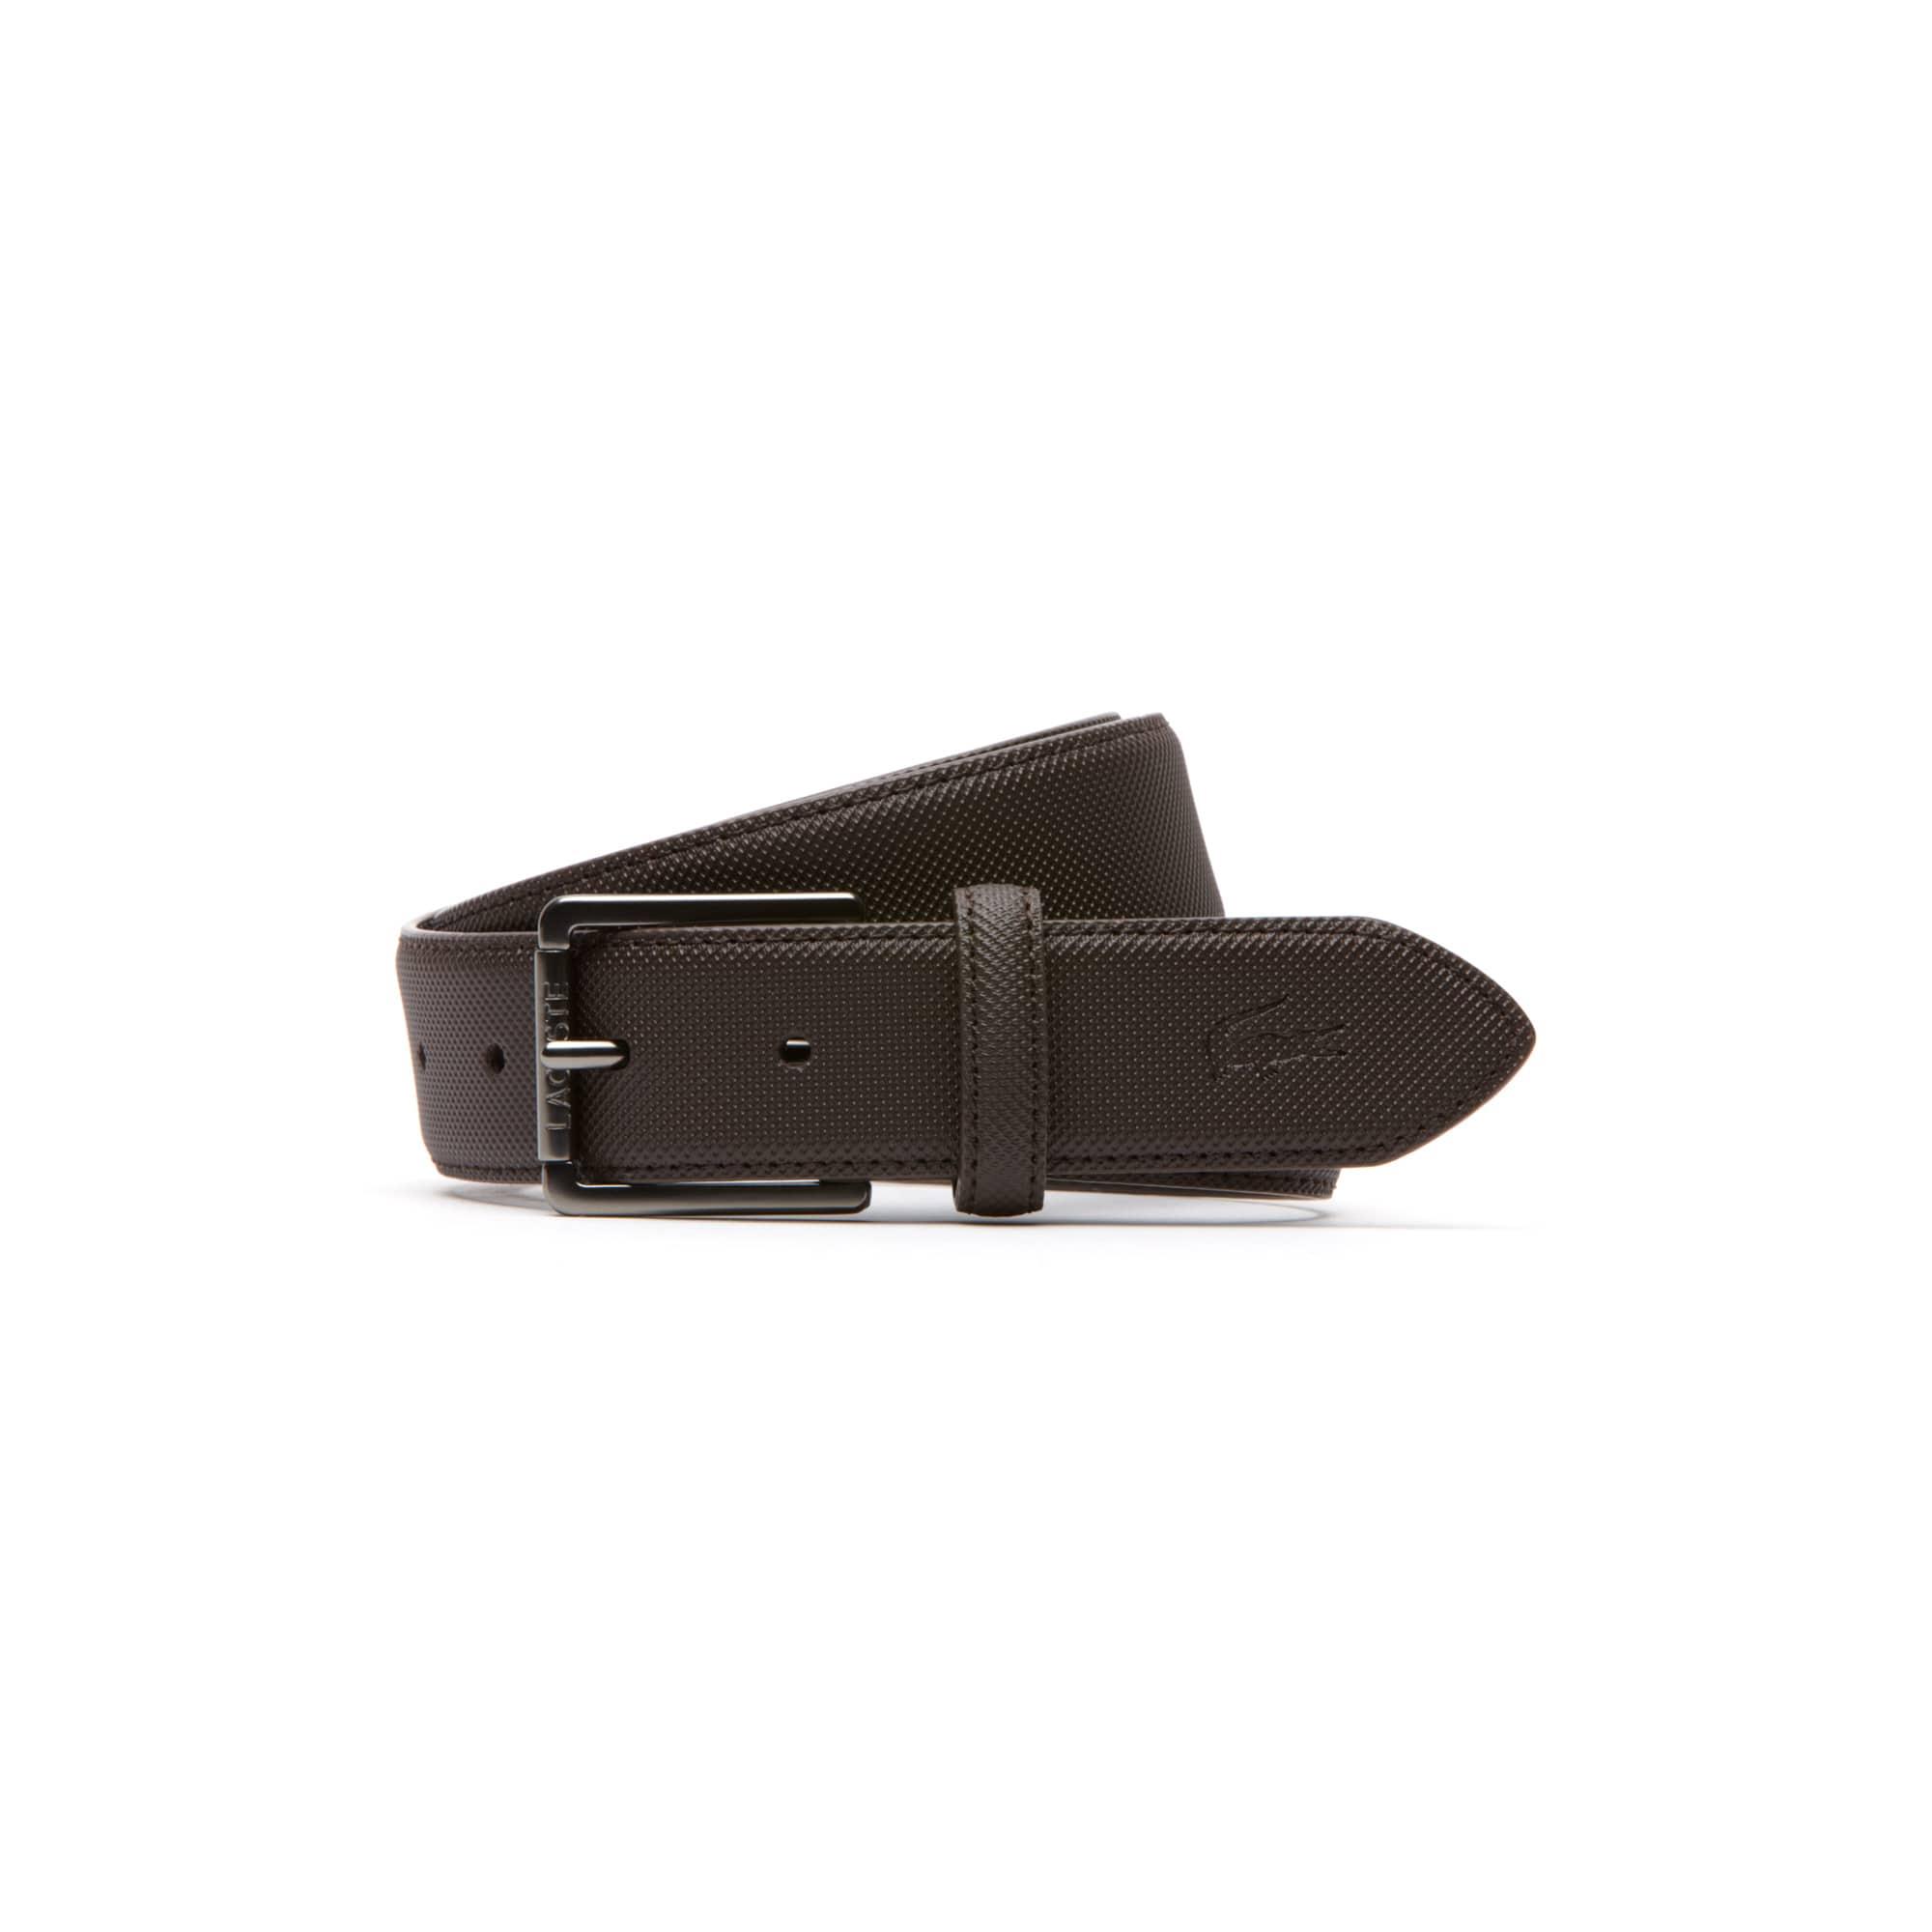 Men's classic belt in petit piqué embossed leather